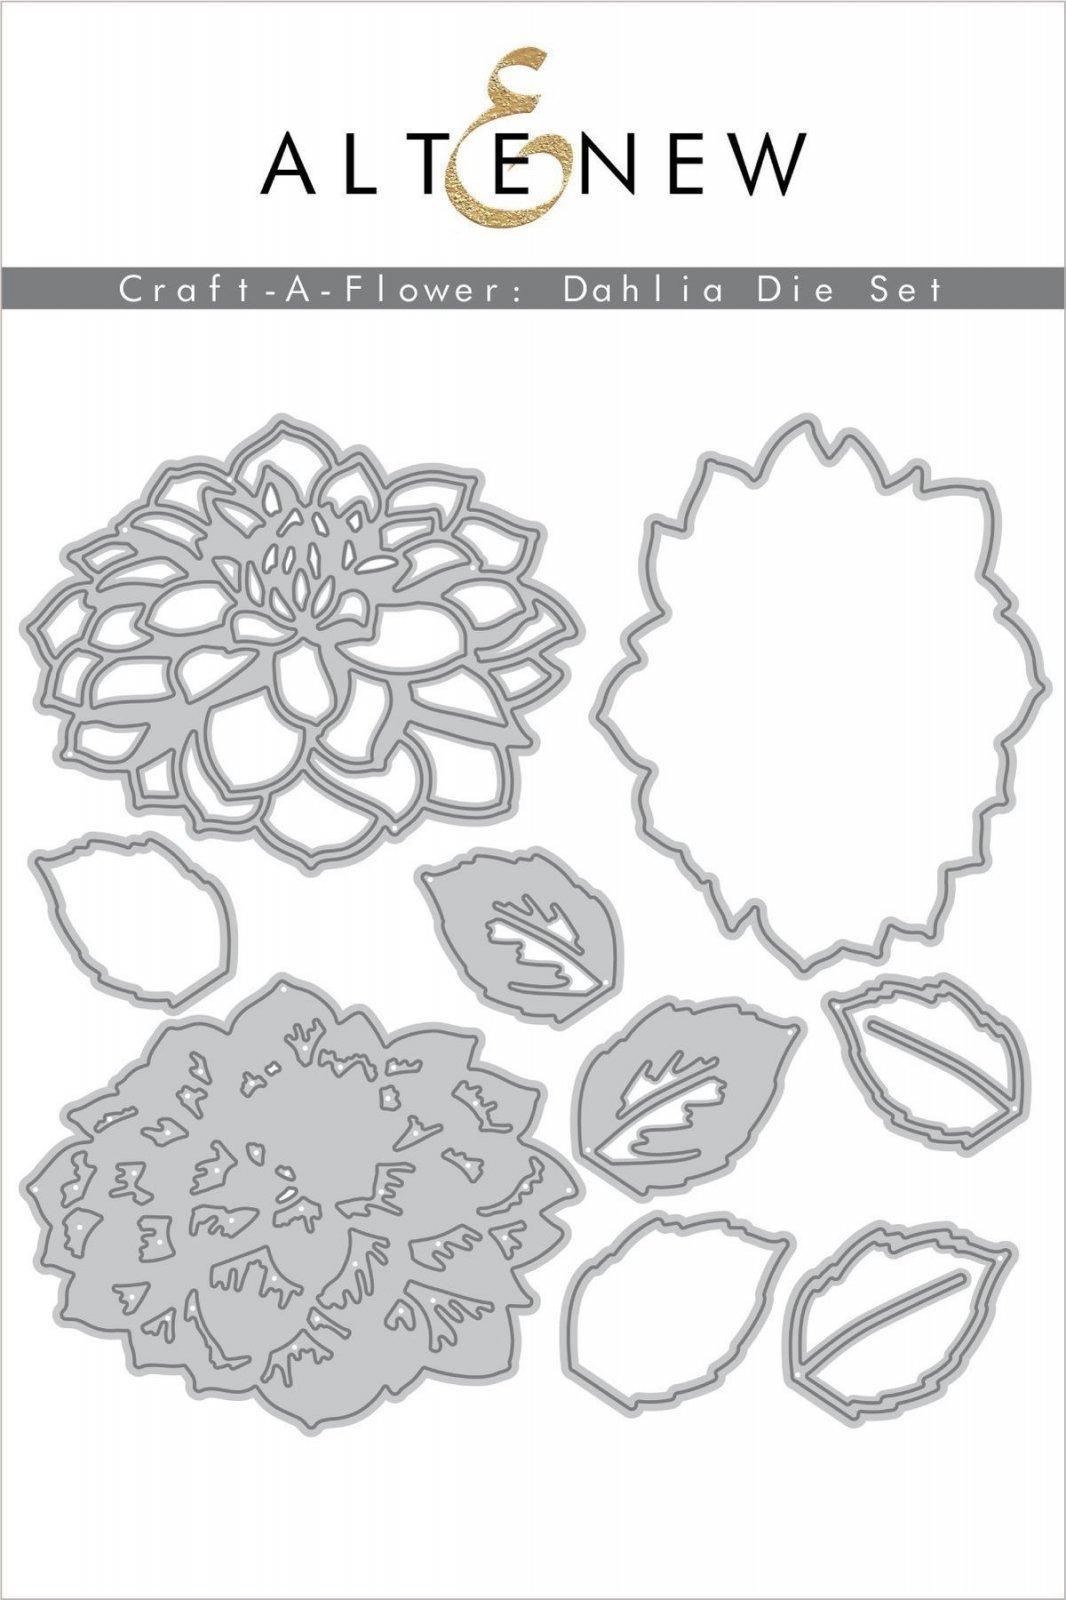 Altenew - Dies - Craft-A-Flower: Dahlia